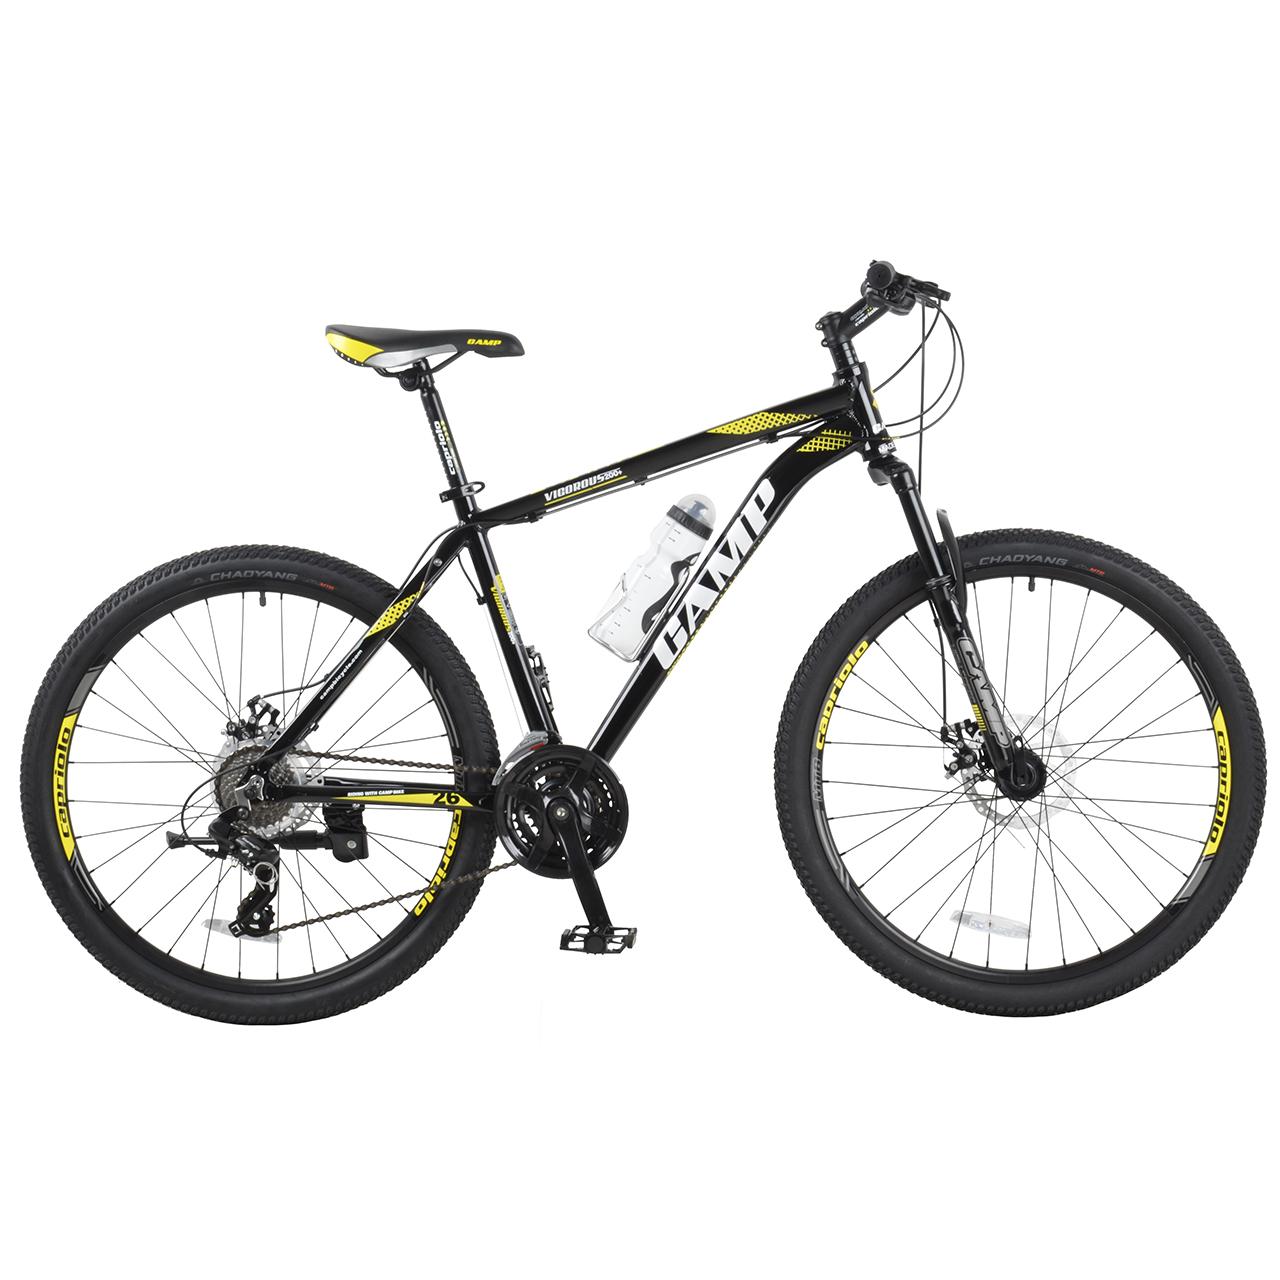 دوچرخه کوهستان کمپ مدل Vigorous 200 Plus سایز 26